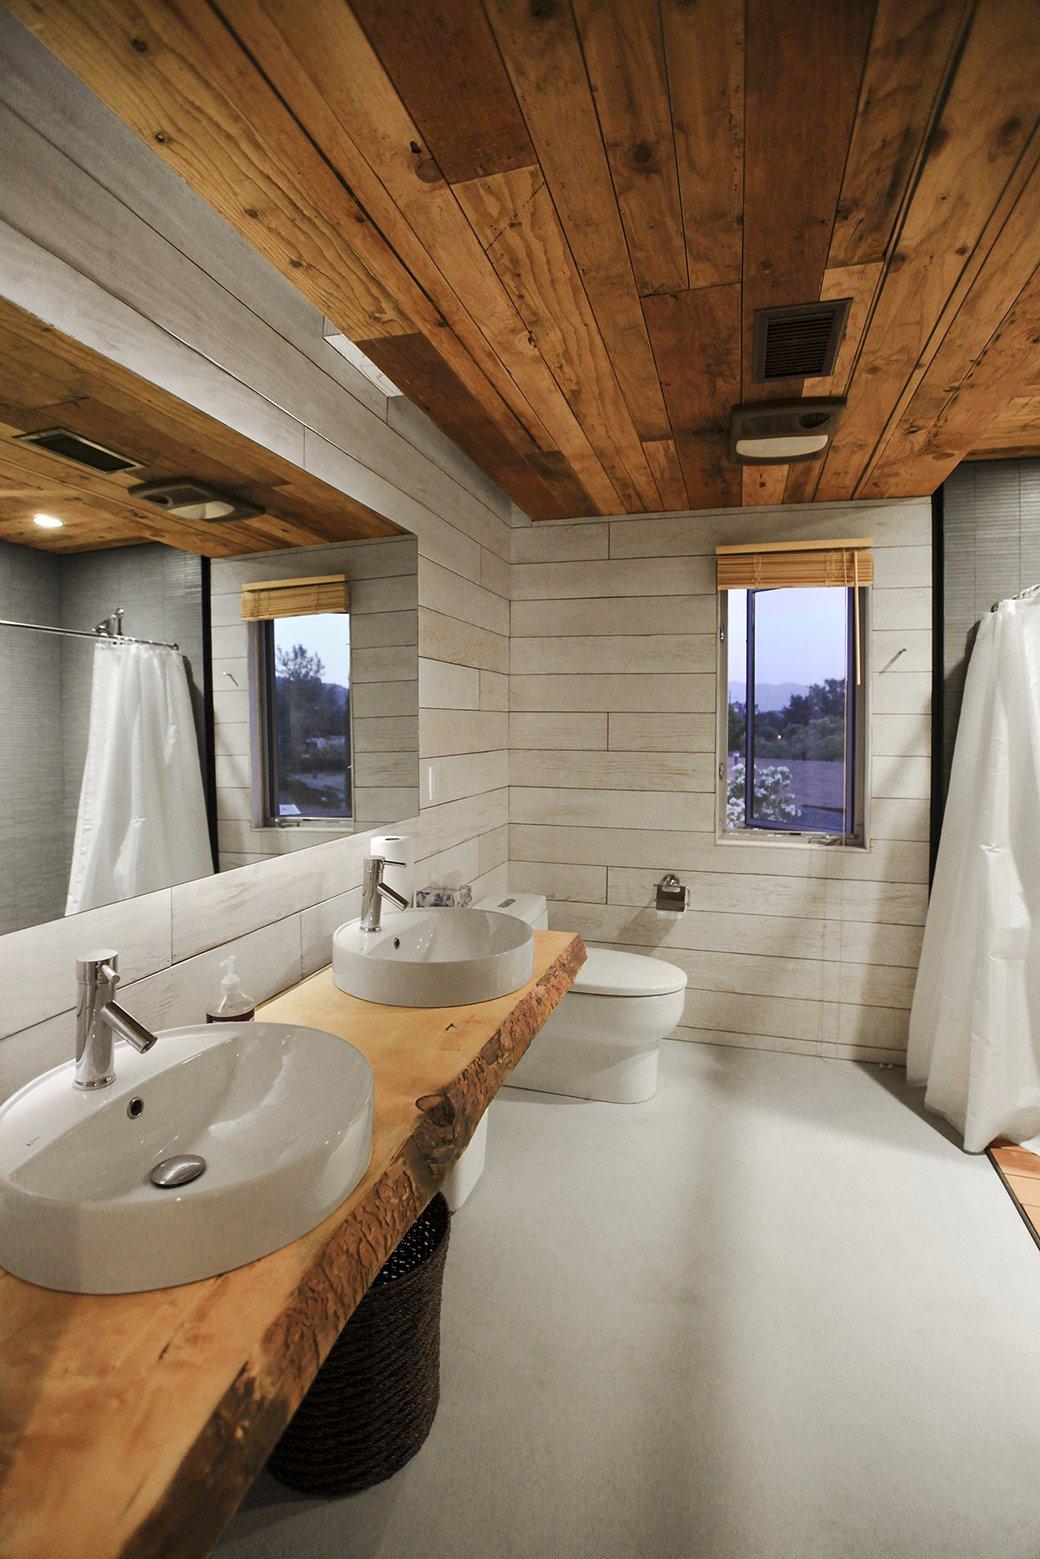 510 Cabin / Hunter Leggitt Studio (6)